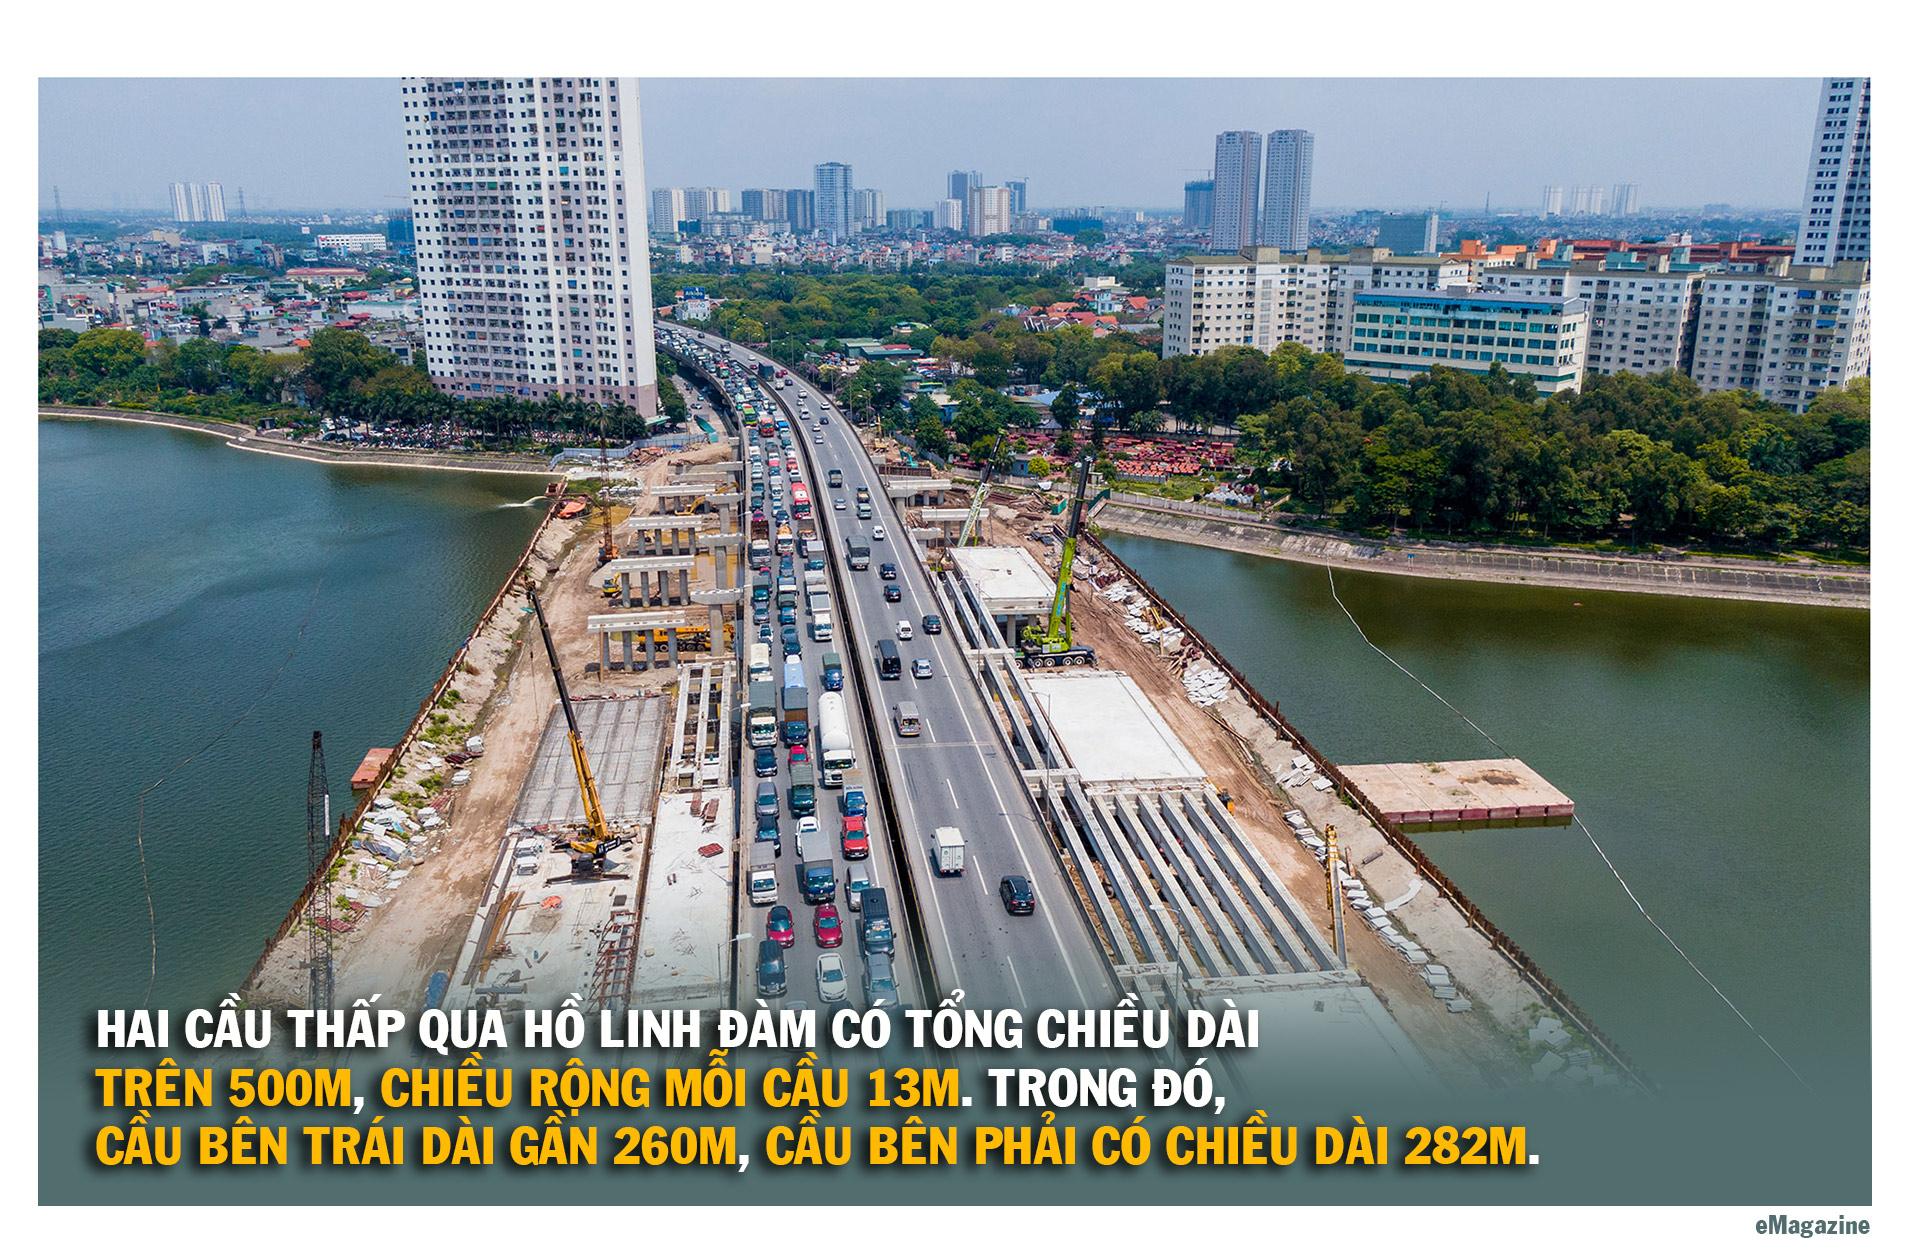 Toàn cảnh cầu hàng trăm tỷ vượt qua hồ nước đẹp bậc nhất Hà Nội - 6